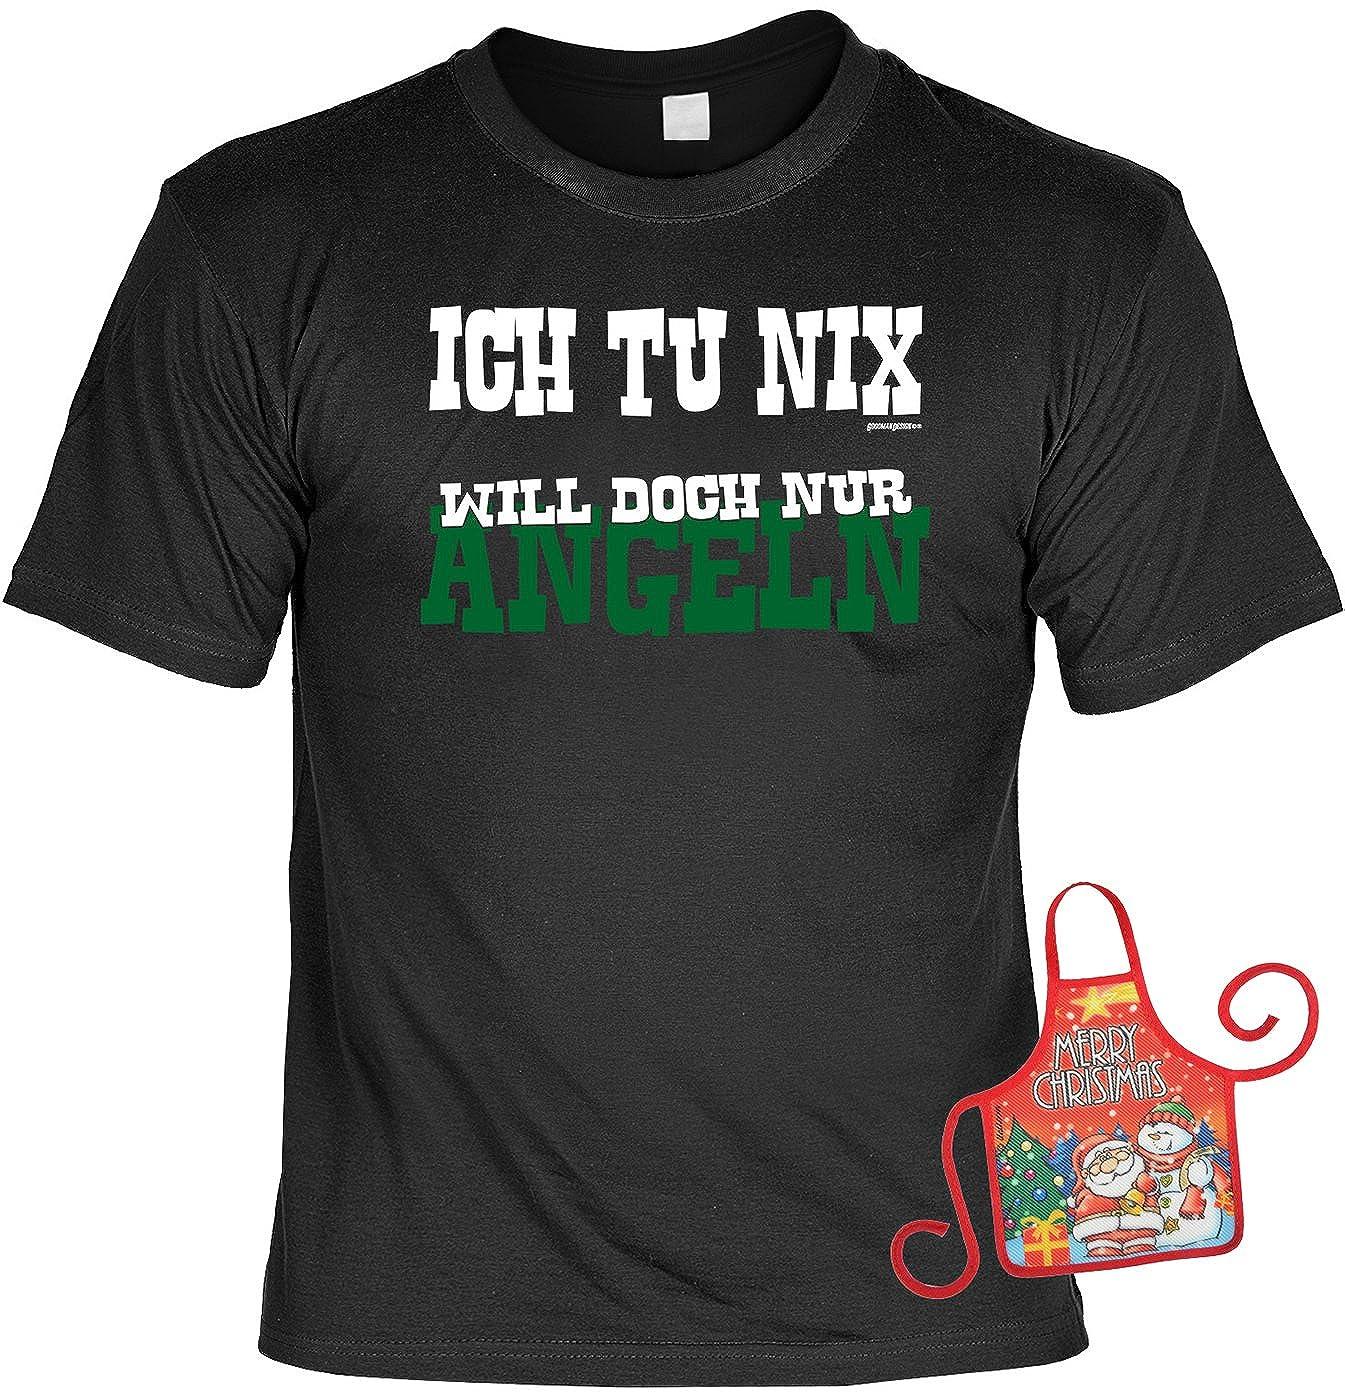 Angelshirt Will doch nur Angeln Minisch/ürze : Ich tu nix witziger Scherzartikel Flaschensch/ürze lustiges Spr/üche T-Shirt Angler Weihnachts-Geschenk-Set